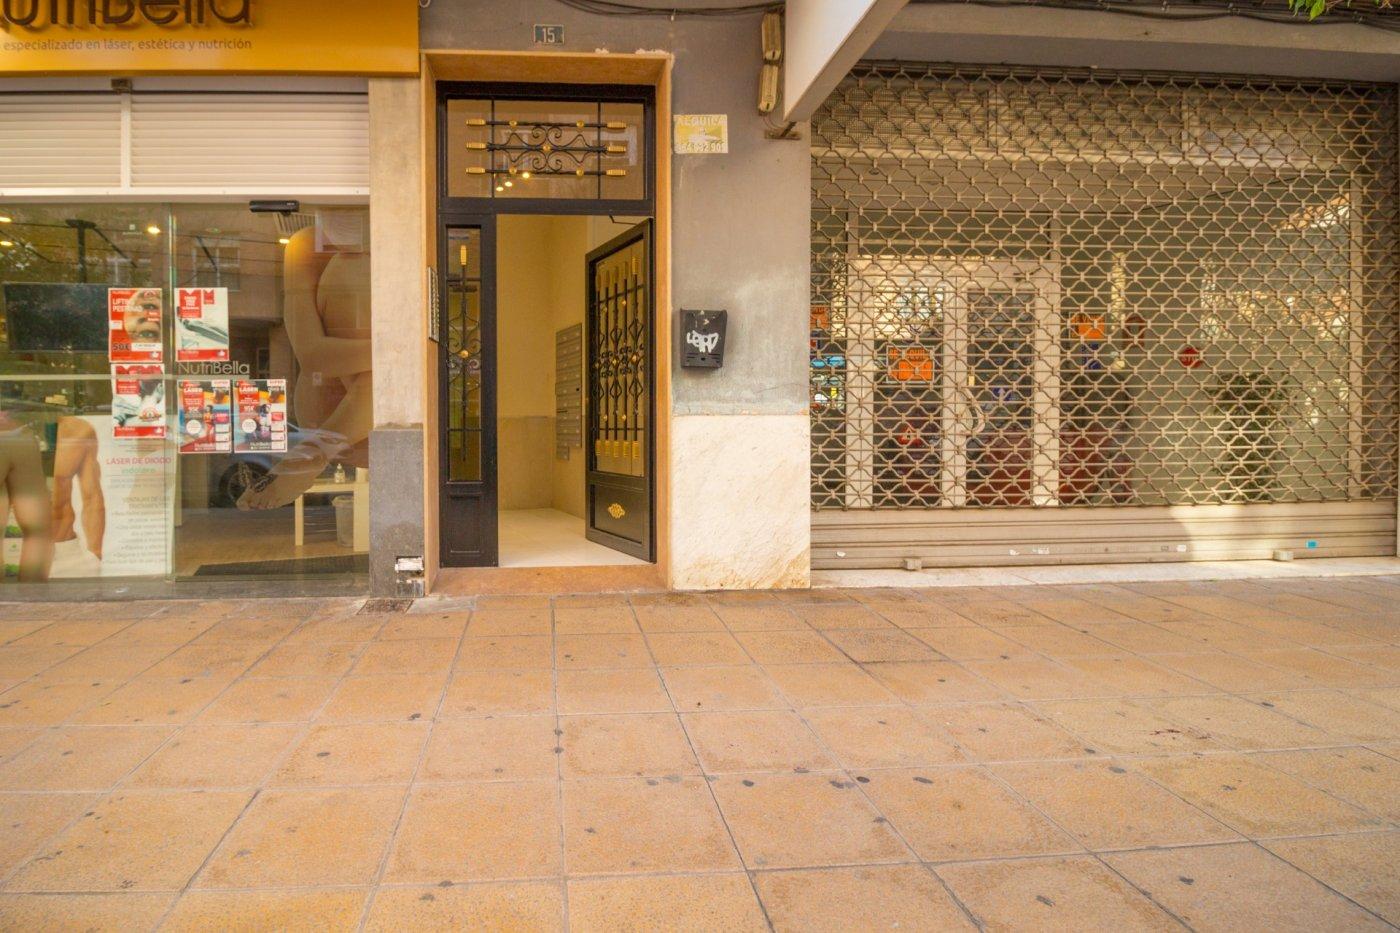 Piso en venta av. casalduch. junto plaza fadrell. 107m2 - imagenInmueble14